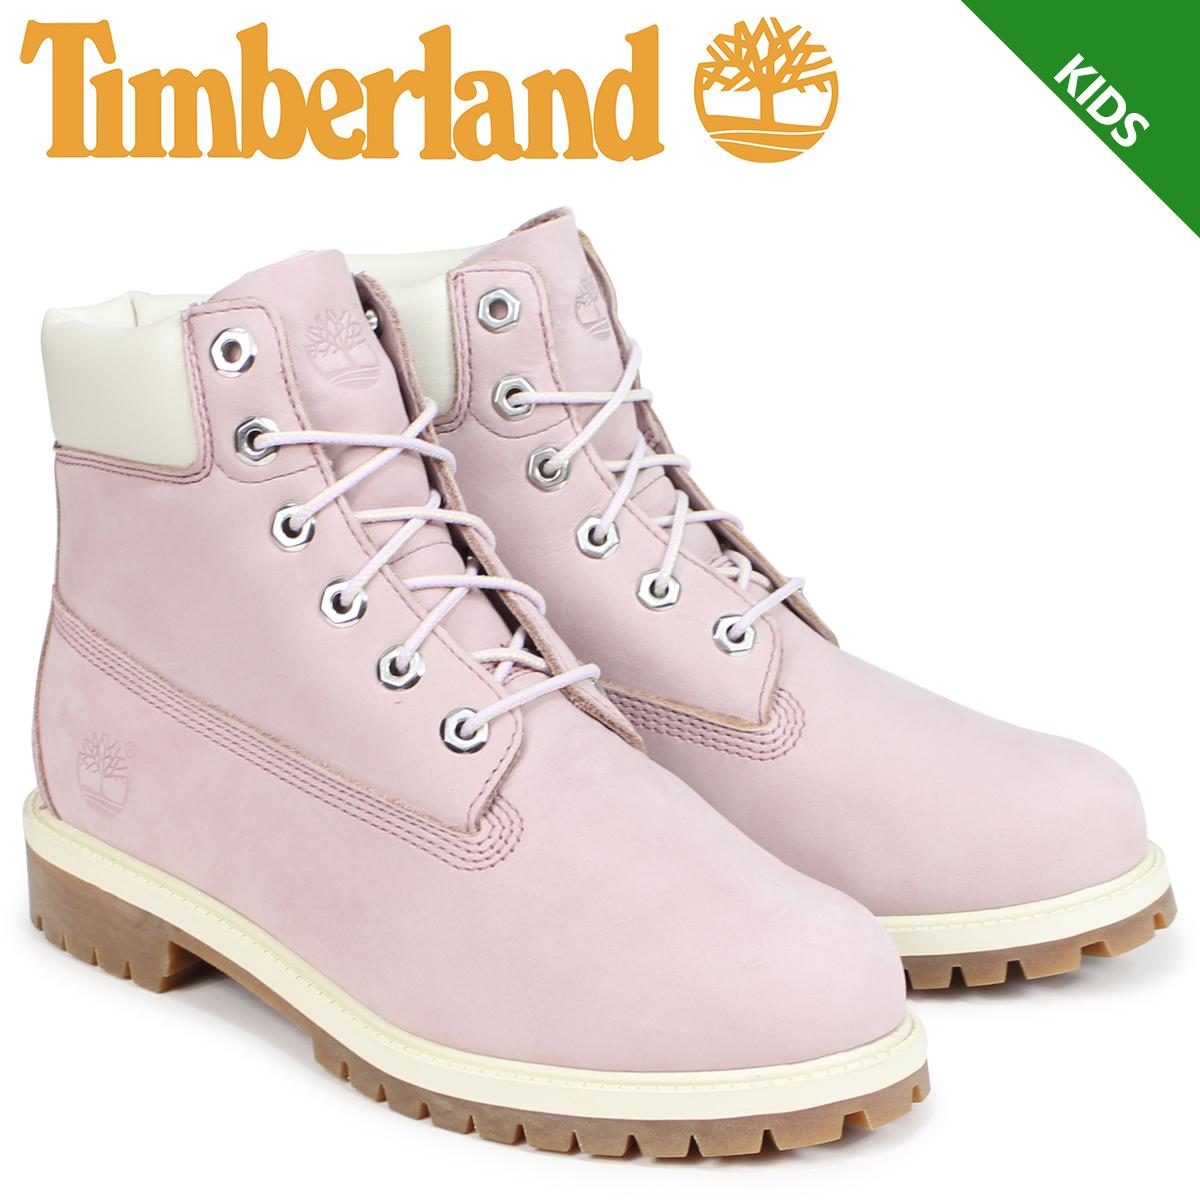 ティンバーランド Timberland ブーツ レディース 6インチ キッズ JUNIOR 6-INCH PREMIUM WATERPROOF BOOTS 34992 Wワイズ ピンク